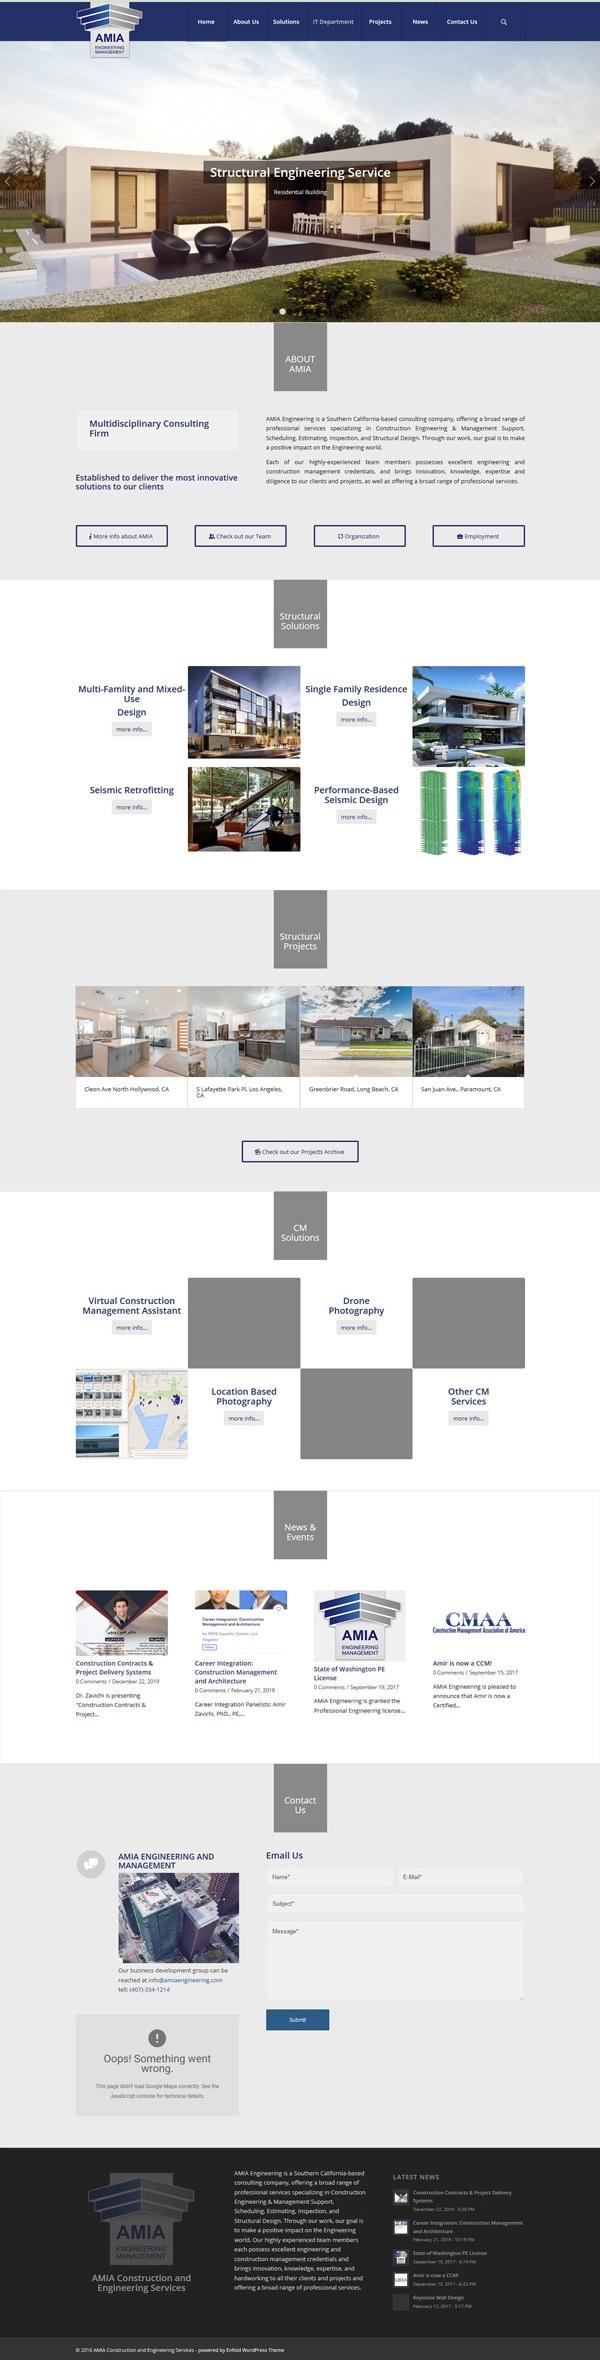 Amiaengineering webdesign of wp-cube